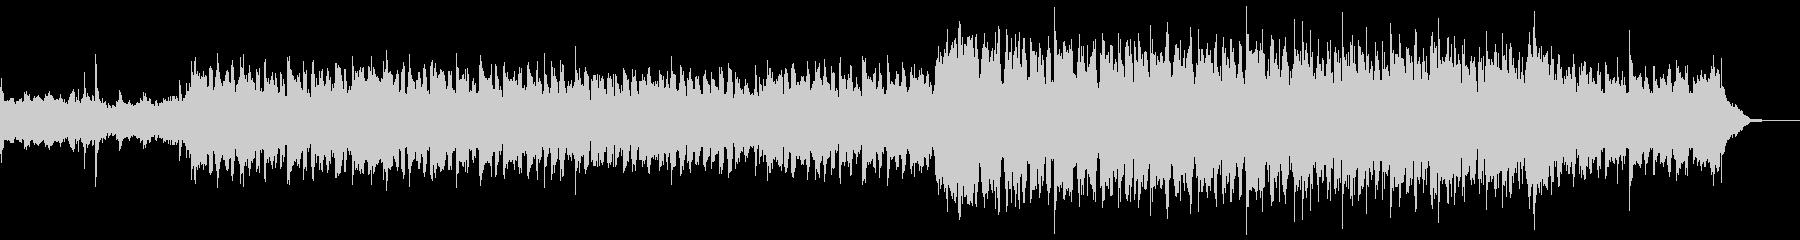 ケルト・アイルランド民謡的なBGMの未再生の波形